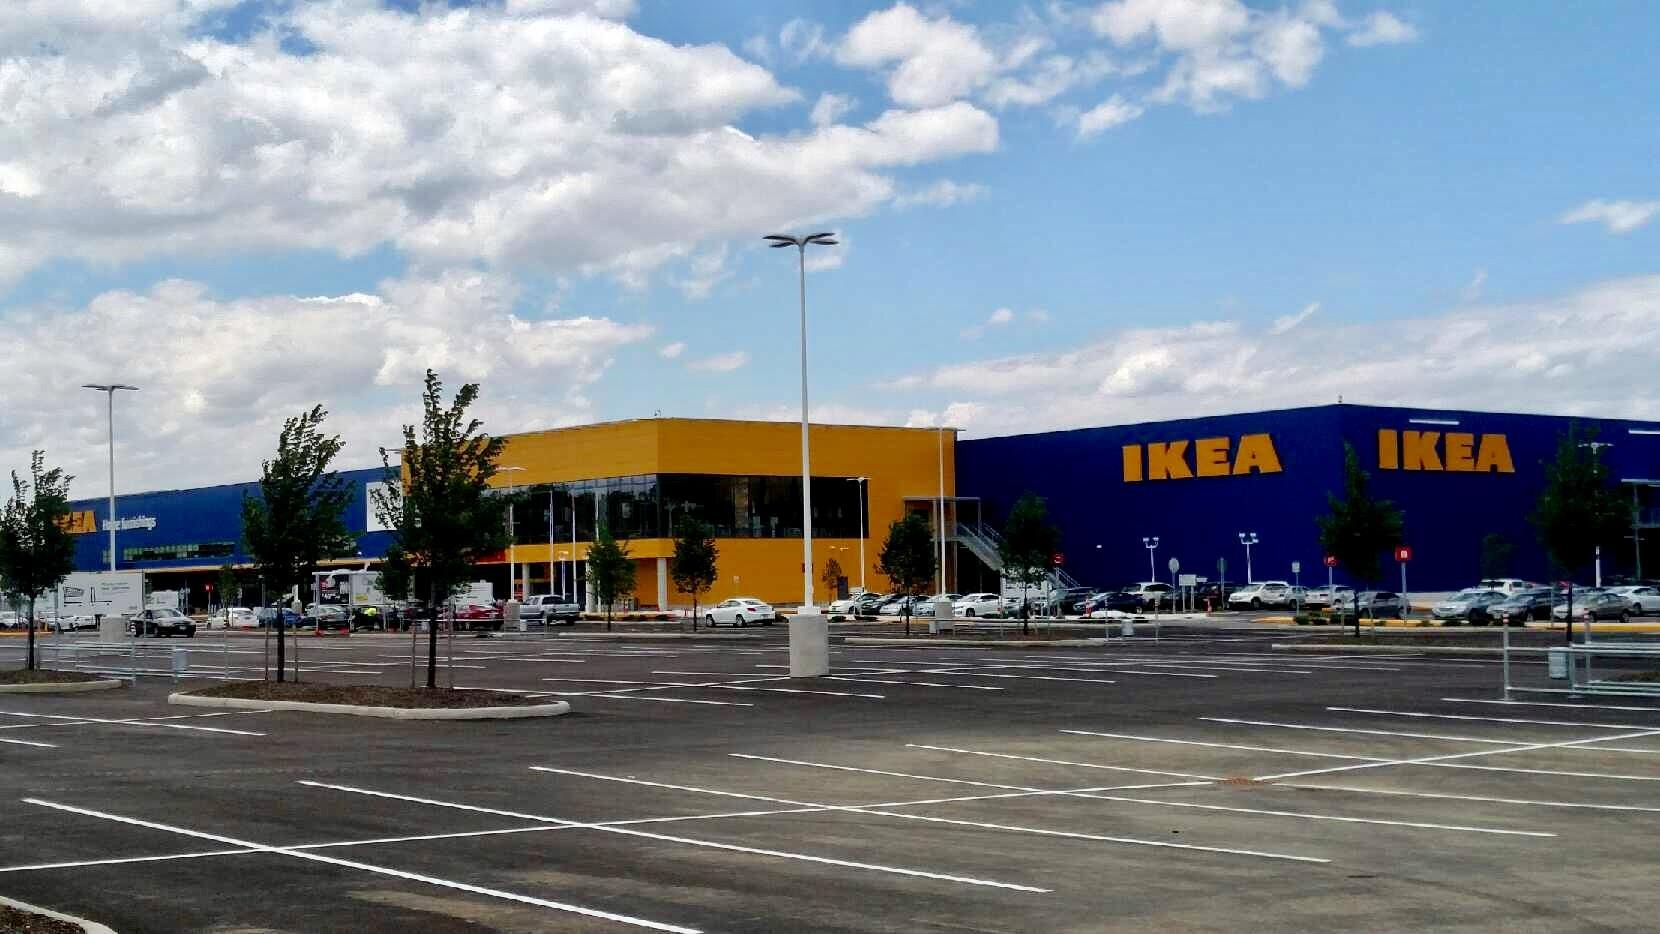 ikea to offer swedish food fun furnishings and